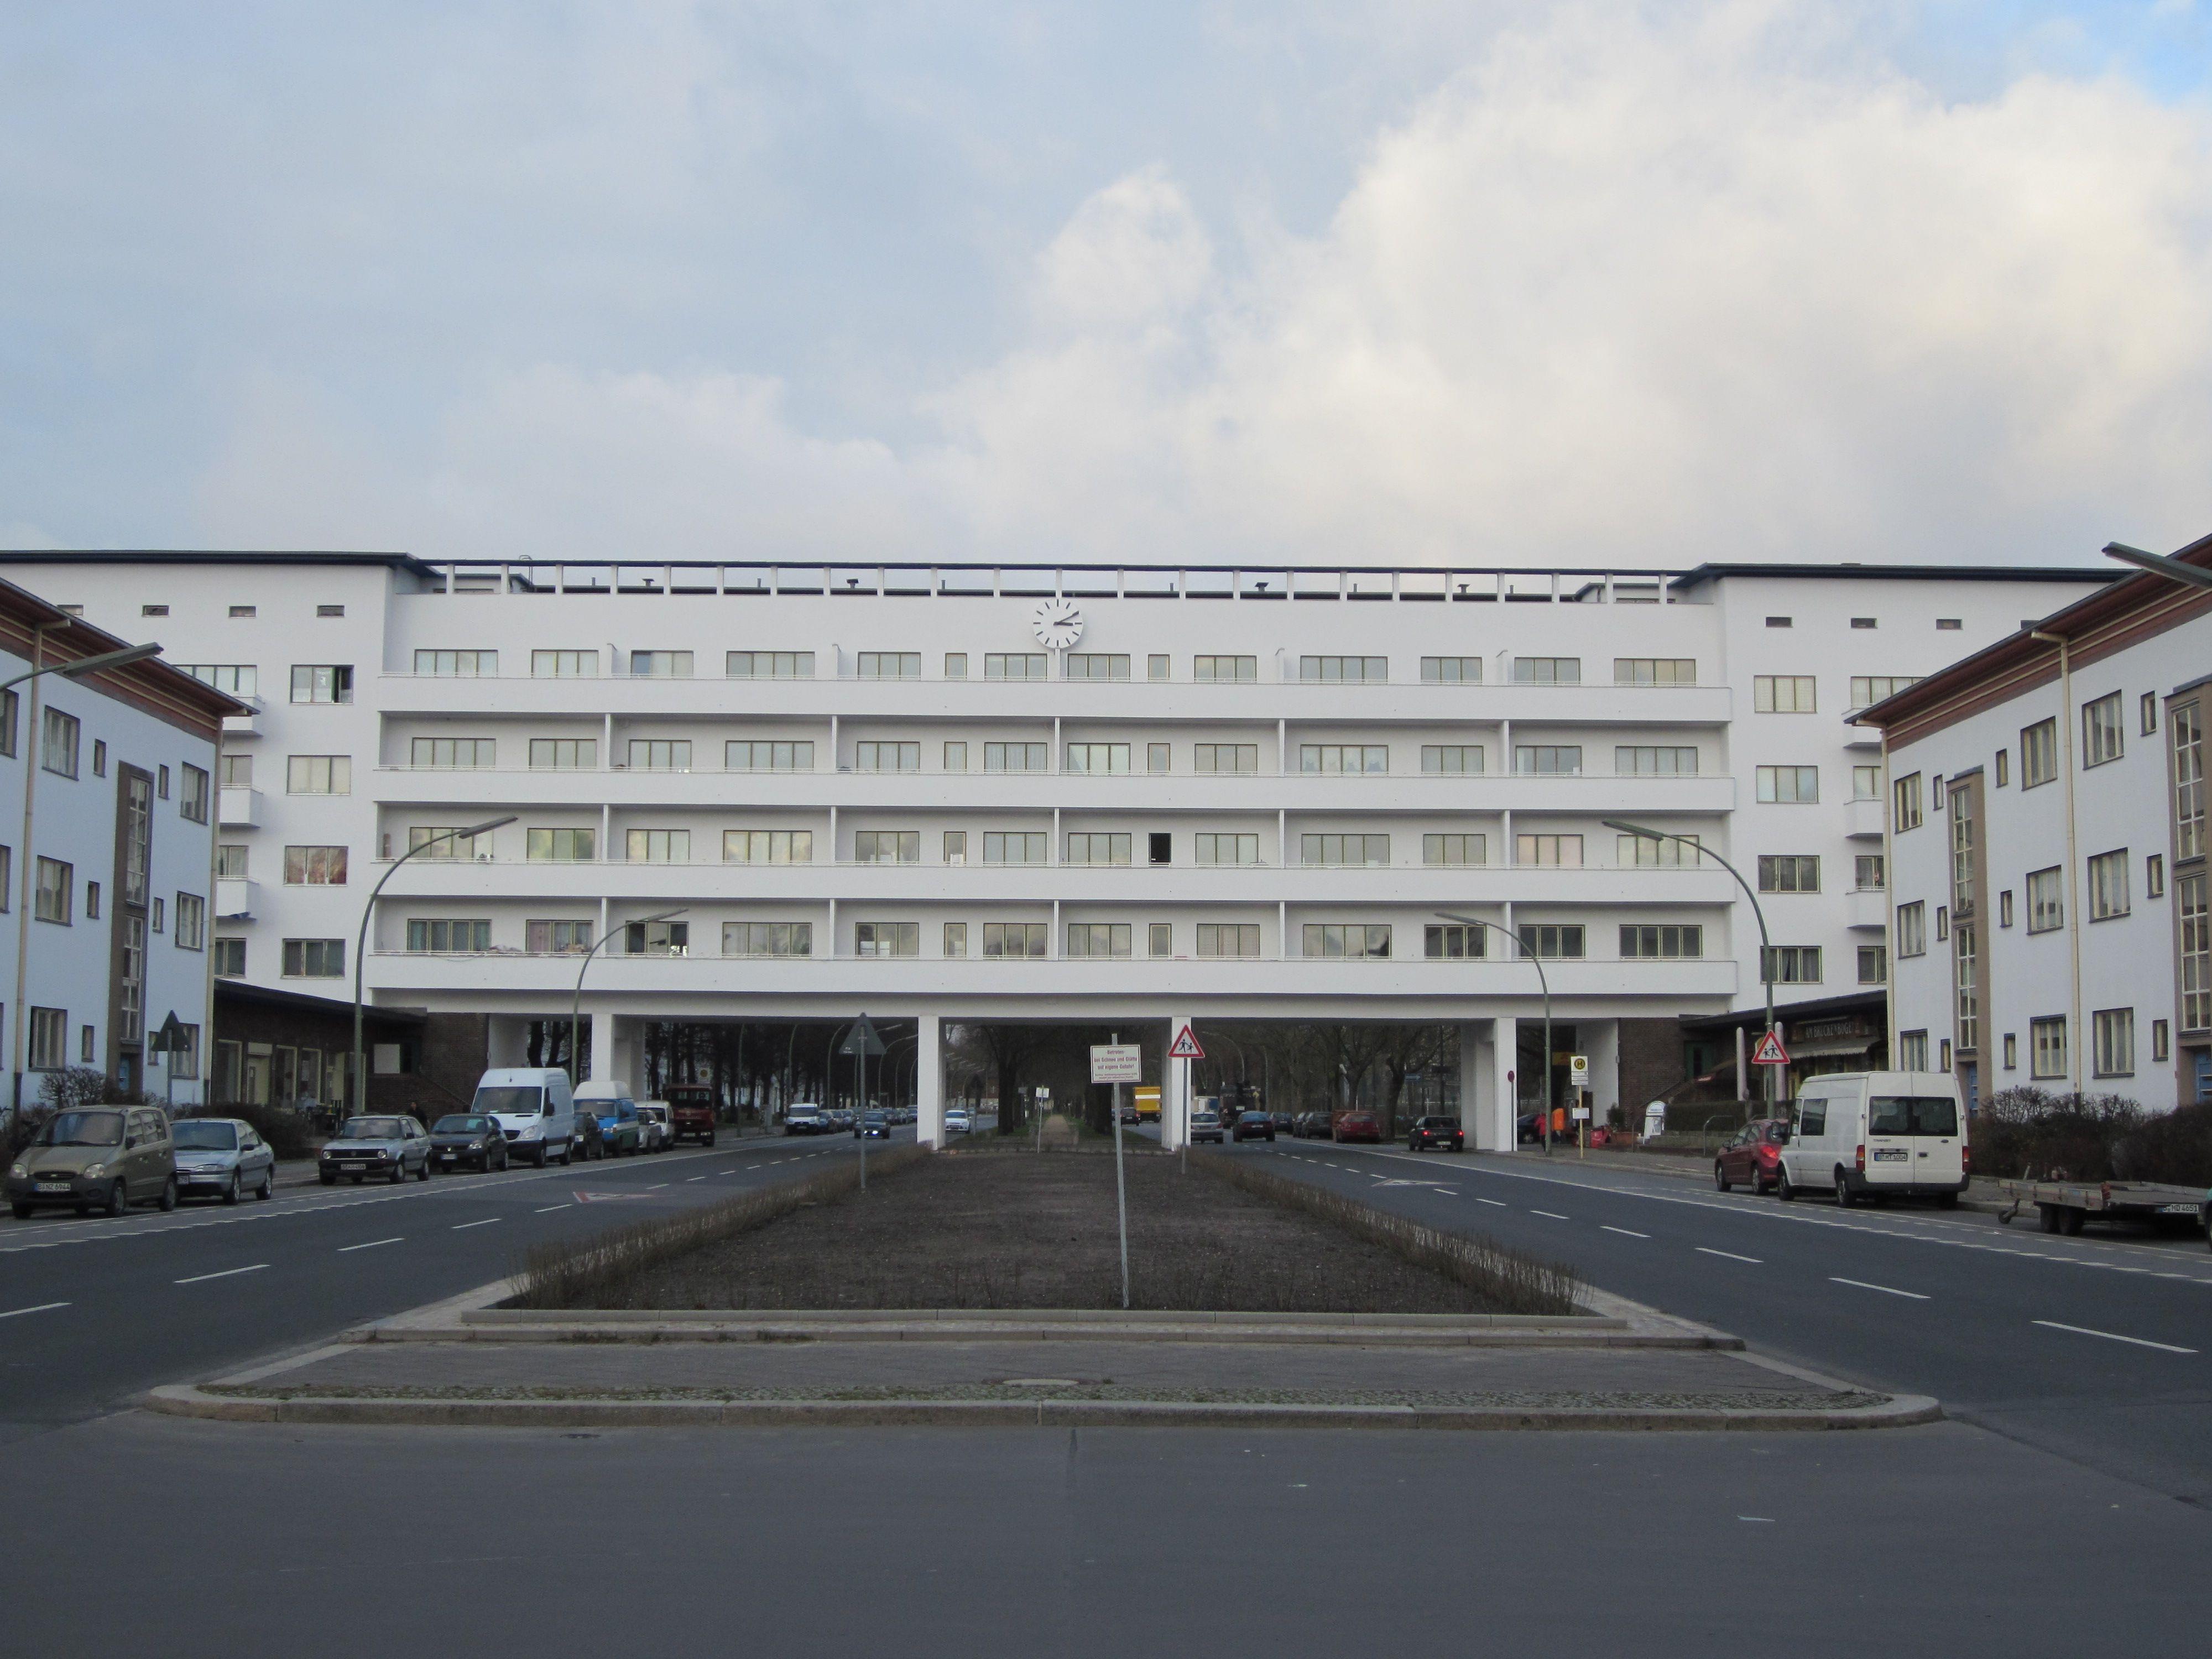 Bauhaus Pankow weisse stadt aroser allee bauhaus architecture berlin by otto